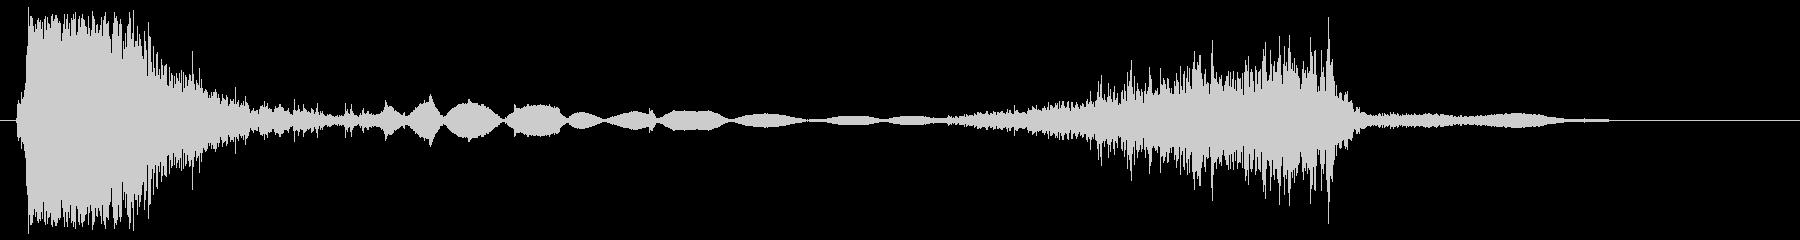 ザ〜、ア〜(鋭く空白のある音)の未再生の波形